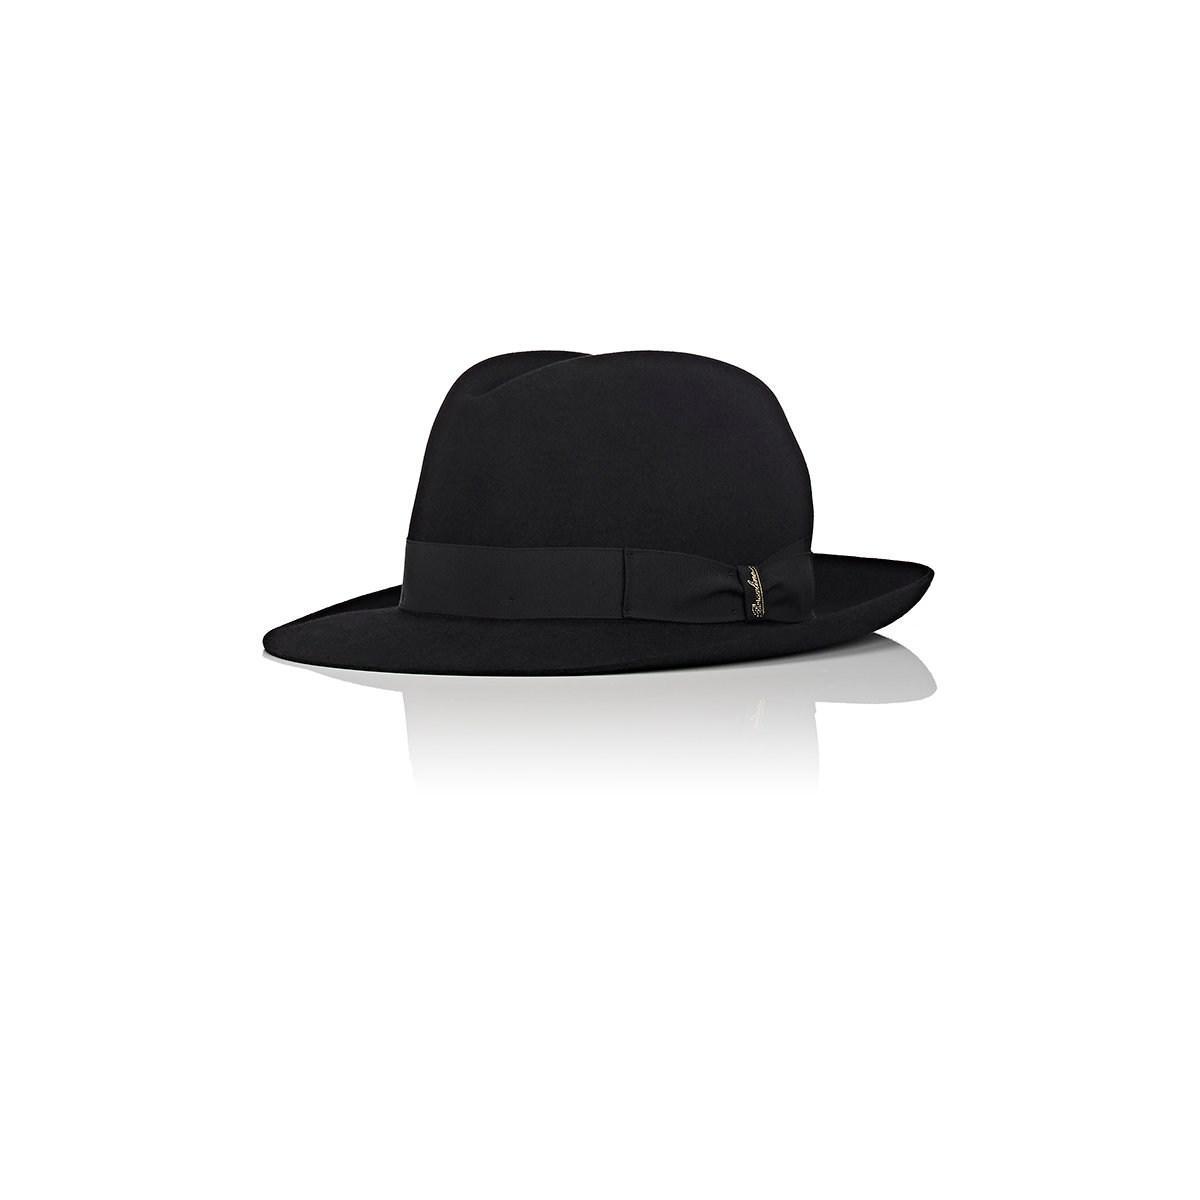 d2ee77441c852 Lyst - Borsalino Marengo Large-brim Fur Felt Fedora in Black for Men